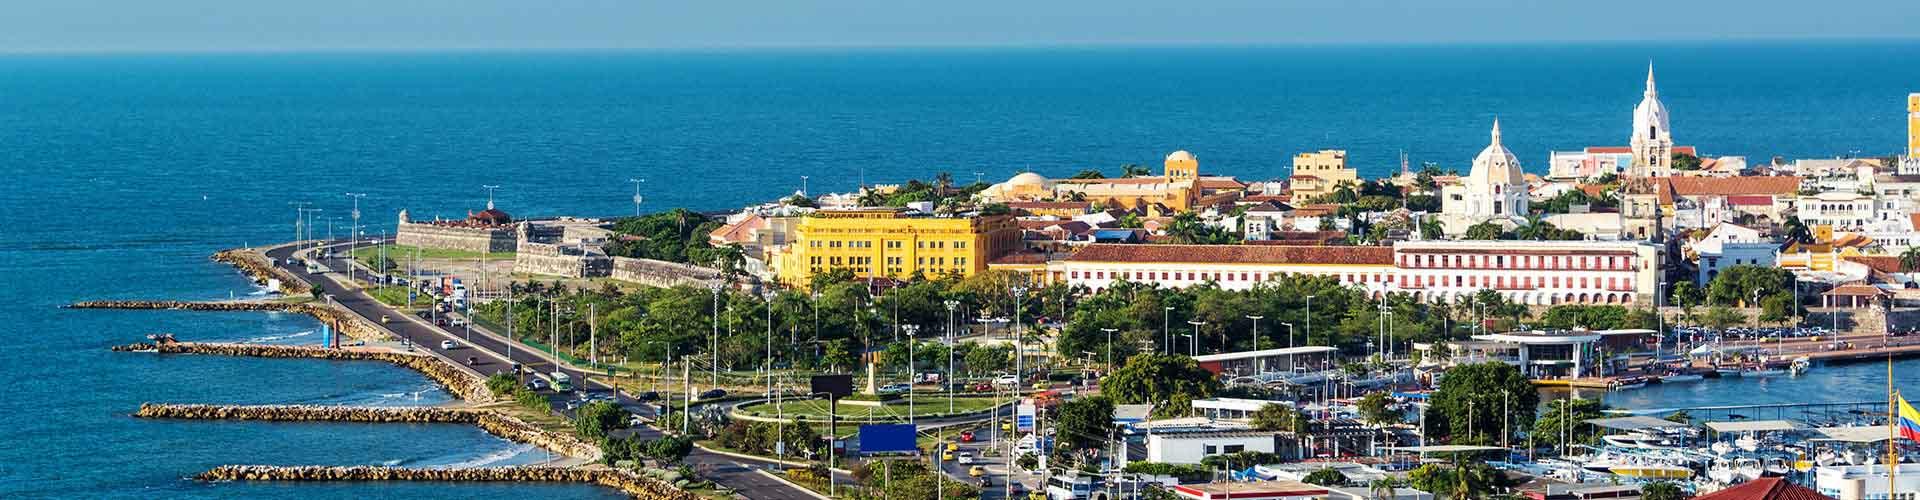 Cartagena - Albergues Juveniles en Cartagena. Mapas de Cartagena, Fotos y Comentarios para cada Albergue Juvenil en Cartagena.